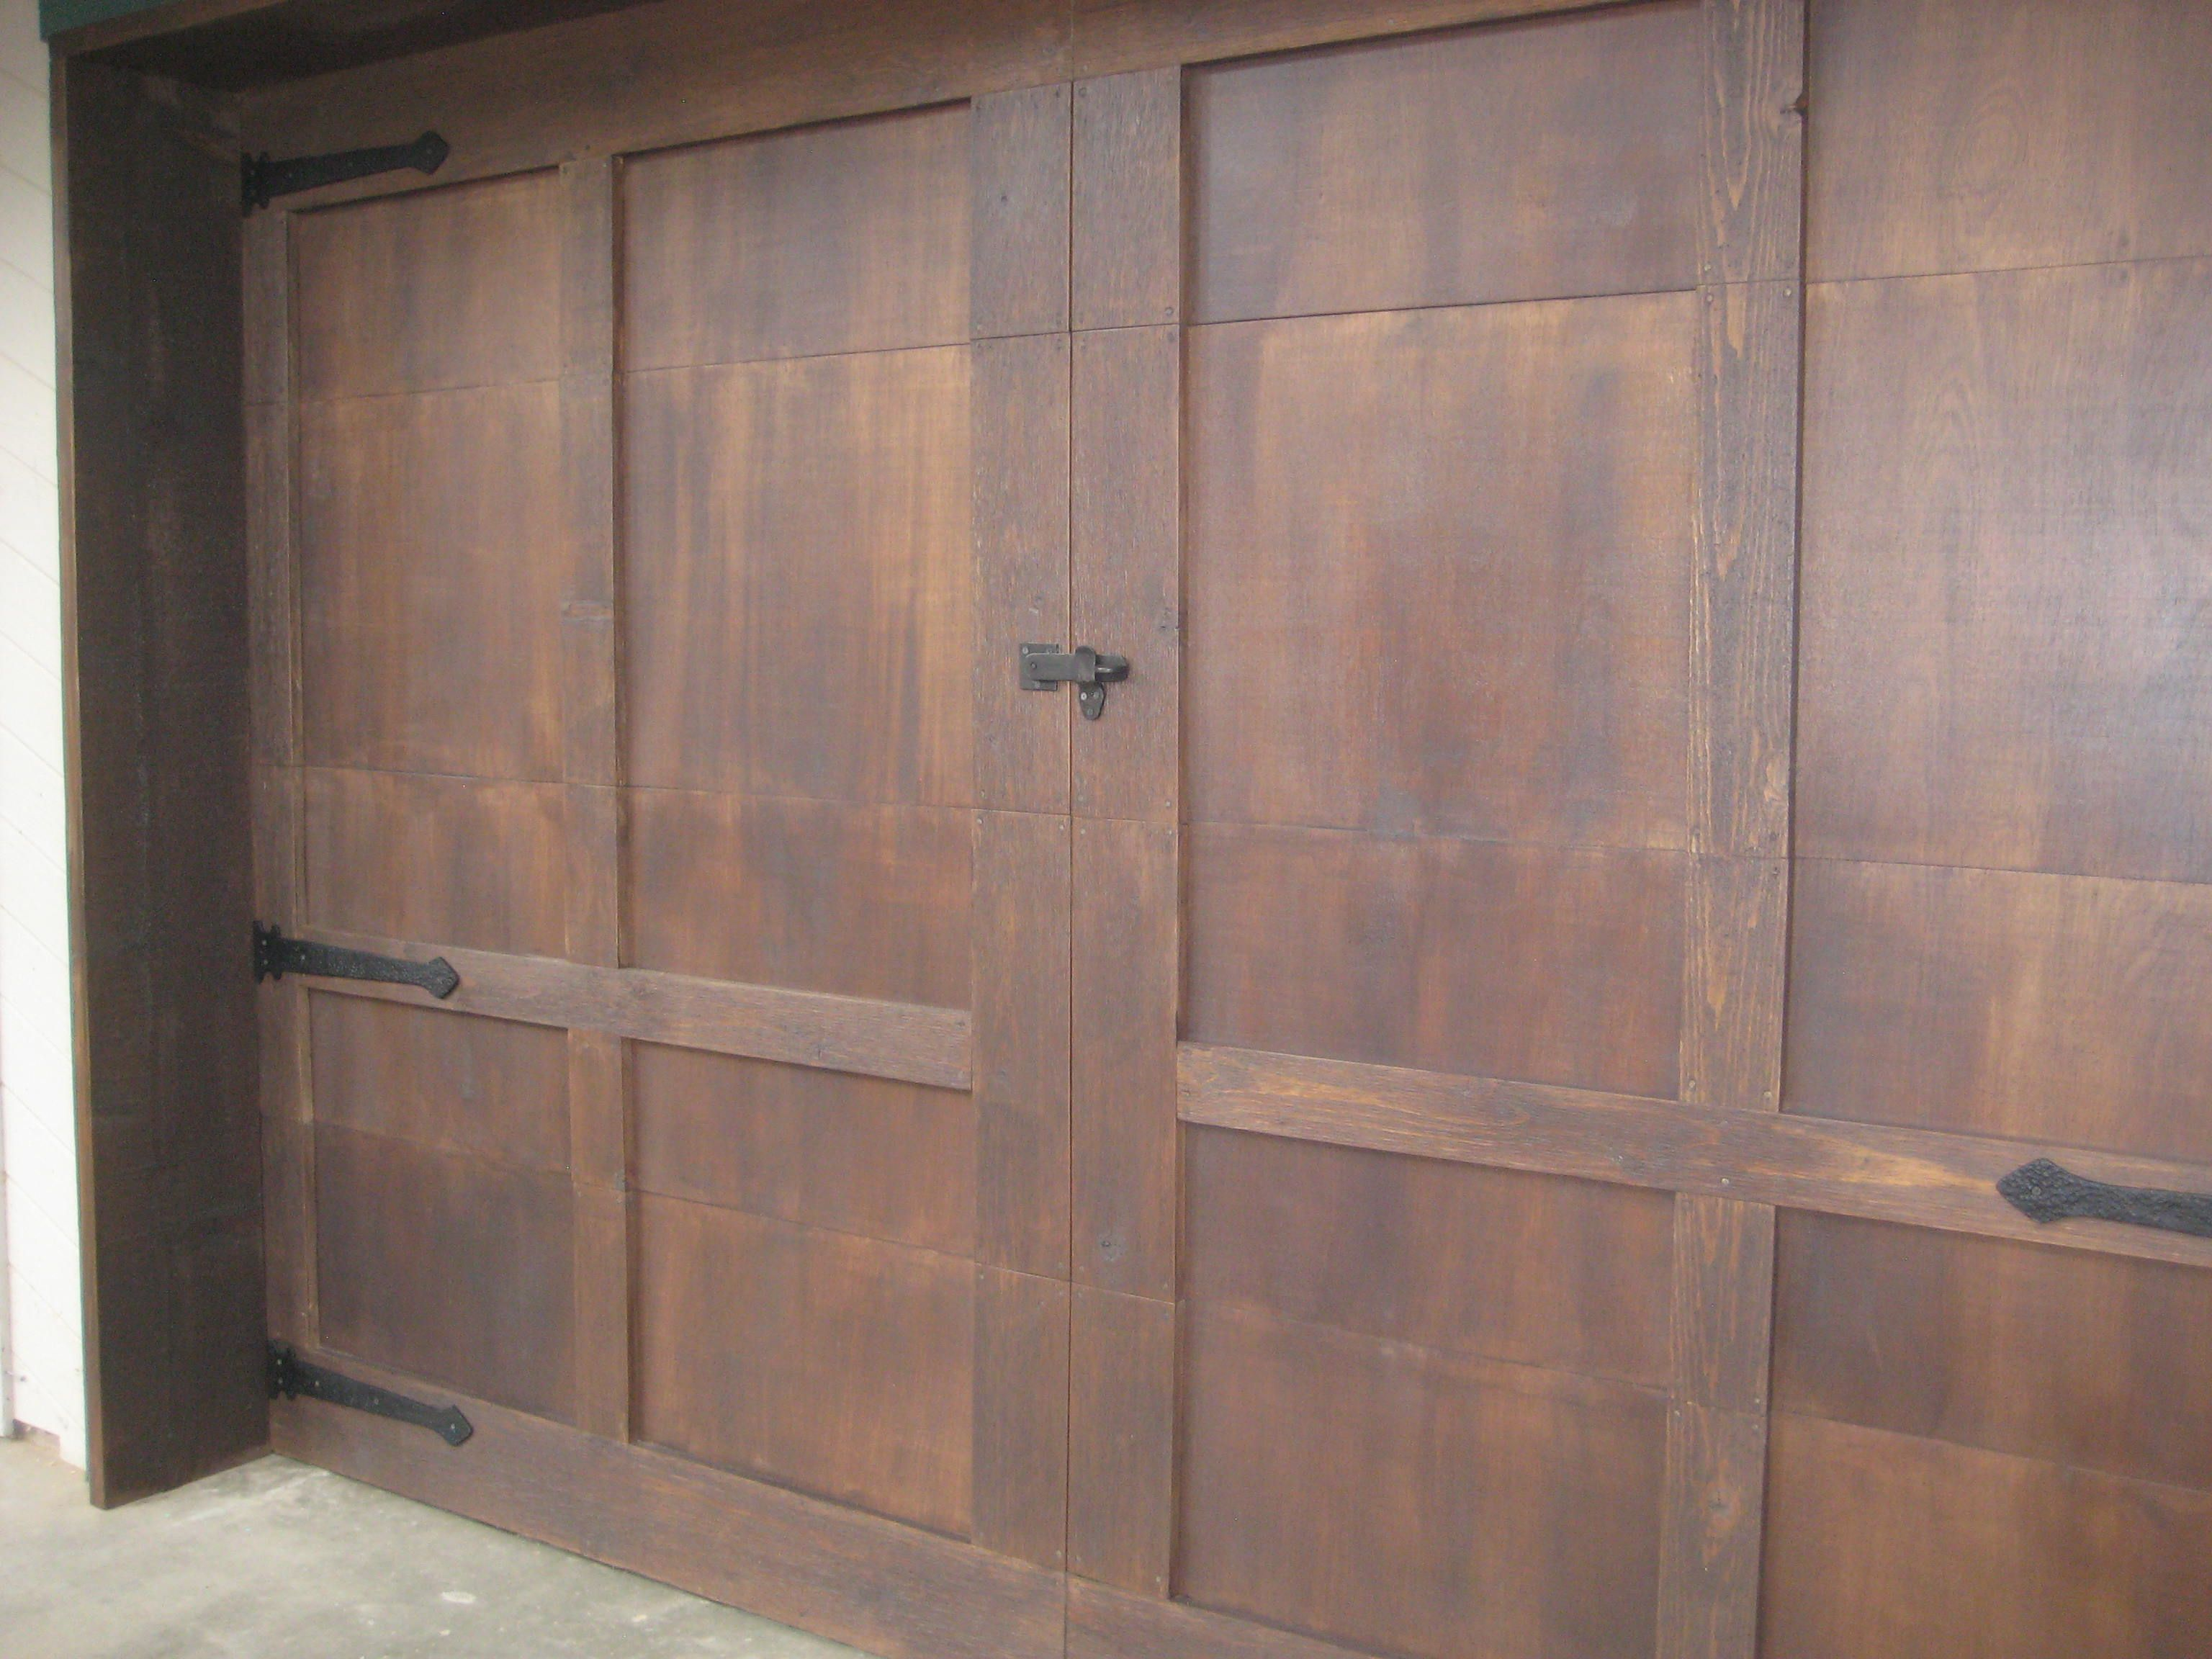 We Refaced Our Garage Doors Love Them It Took Us 2 Weekends But Well Worth The Effort Updating House Garage Door Makeover Garage Doors